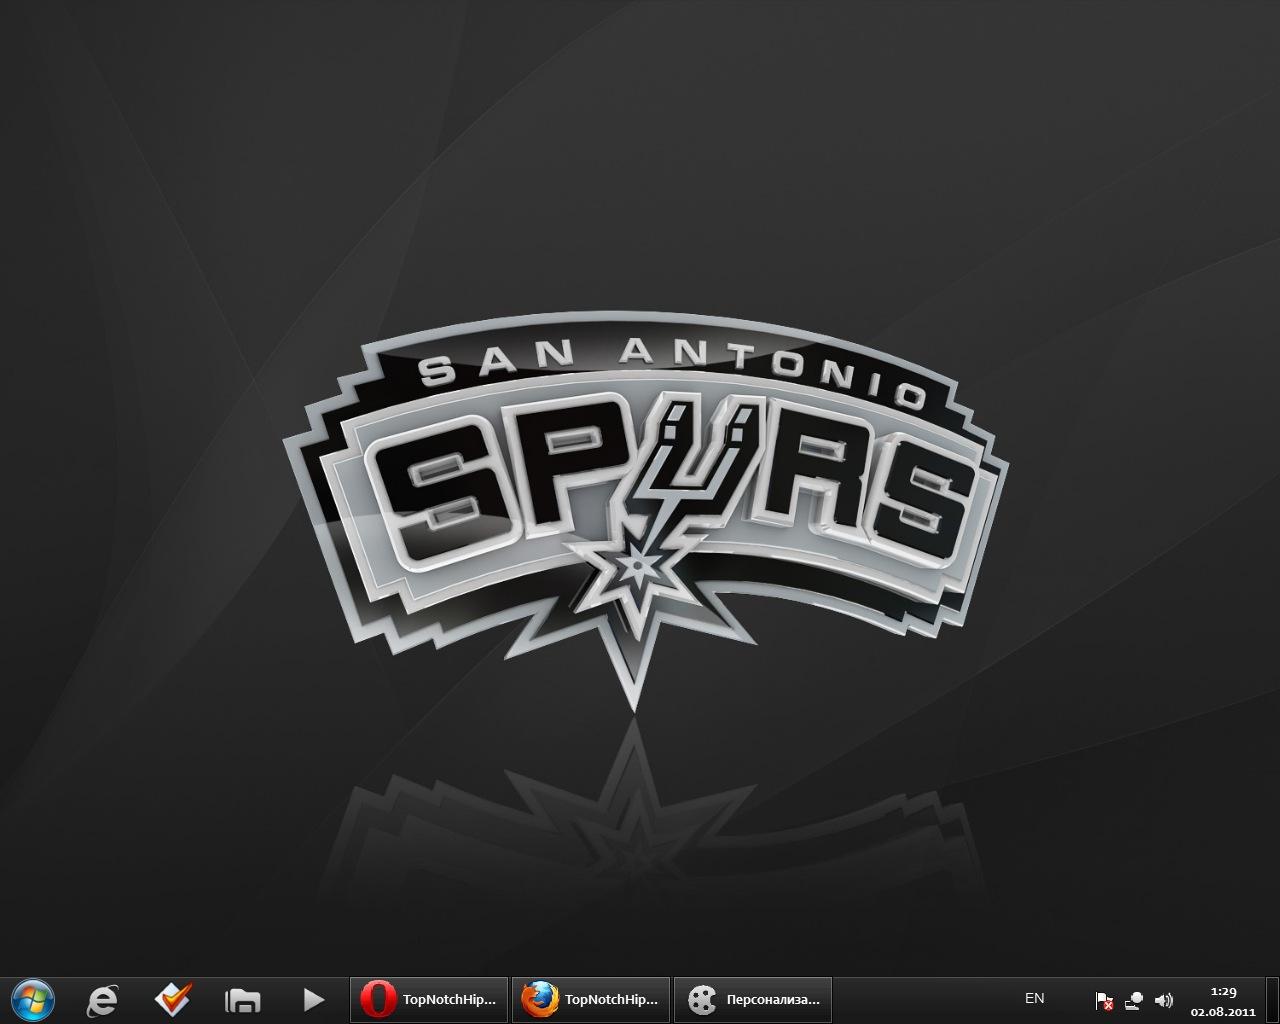 WIN 7 San Antonio Spurs